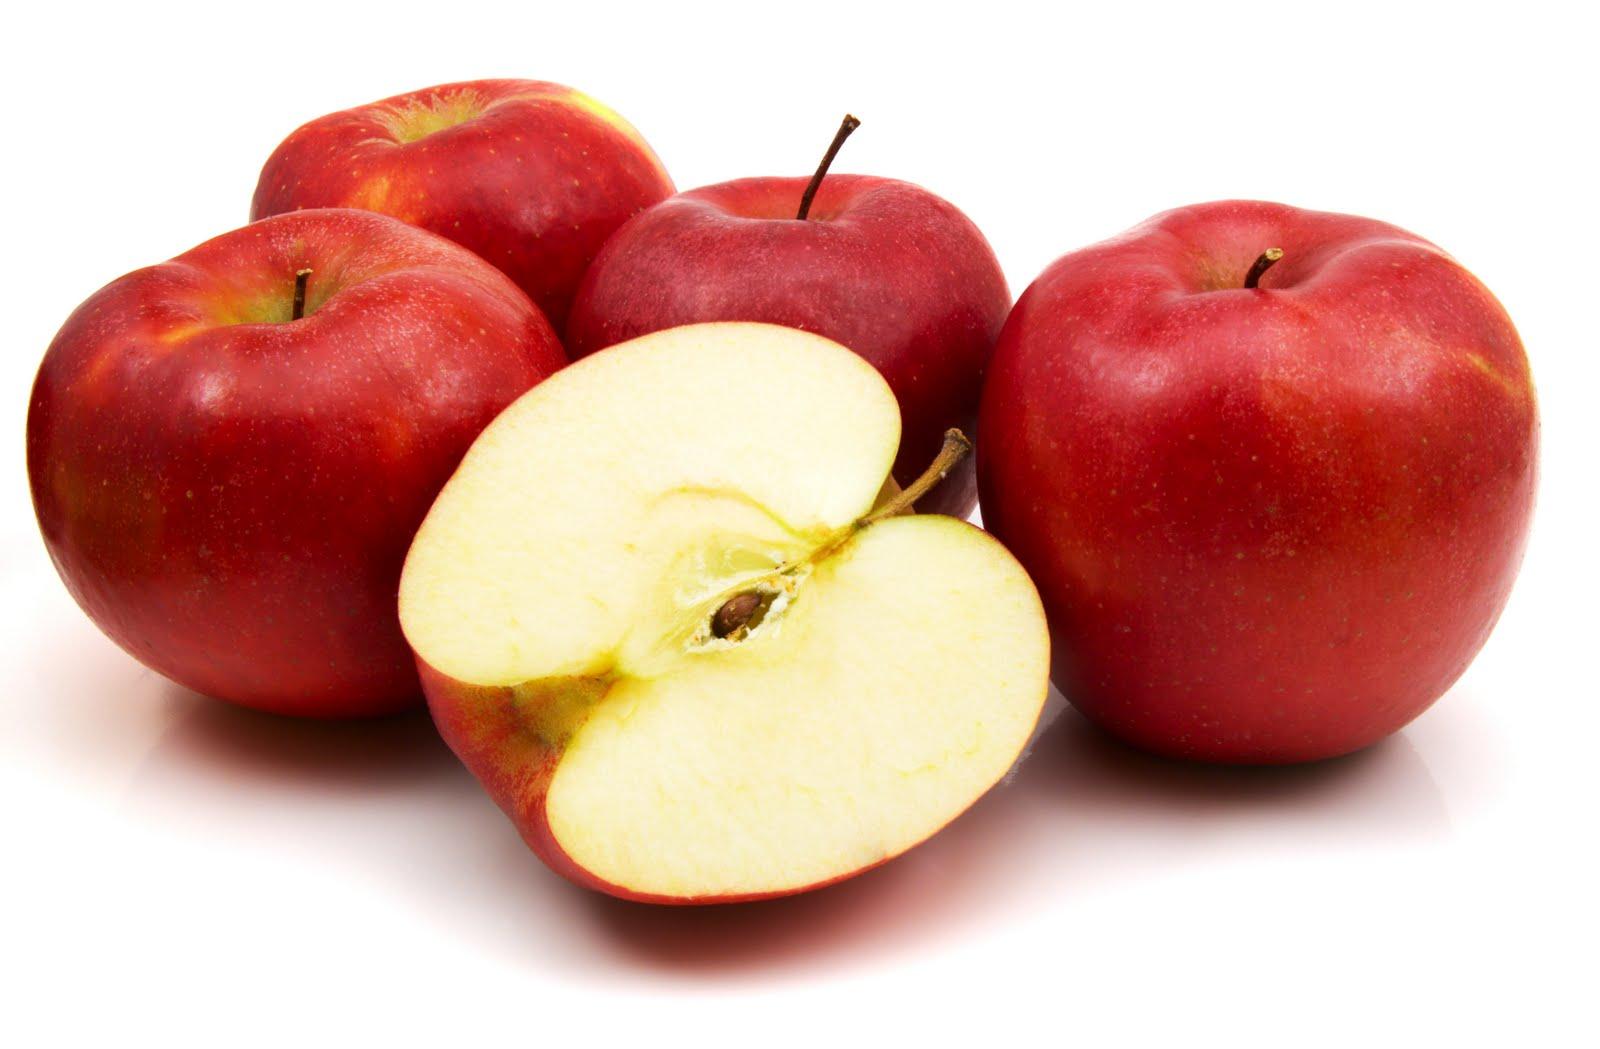 خواص سیب -آگاهی مصرف-درست مصرف کنیم-آموزش همگانی